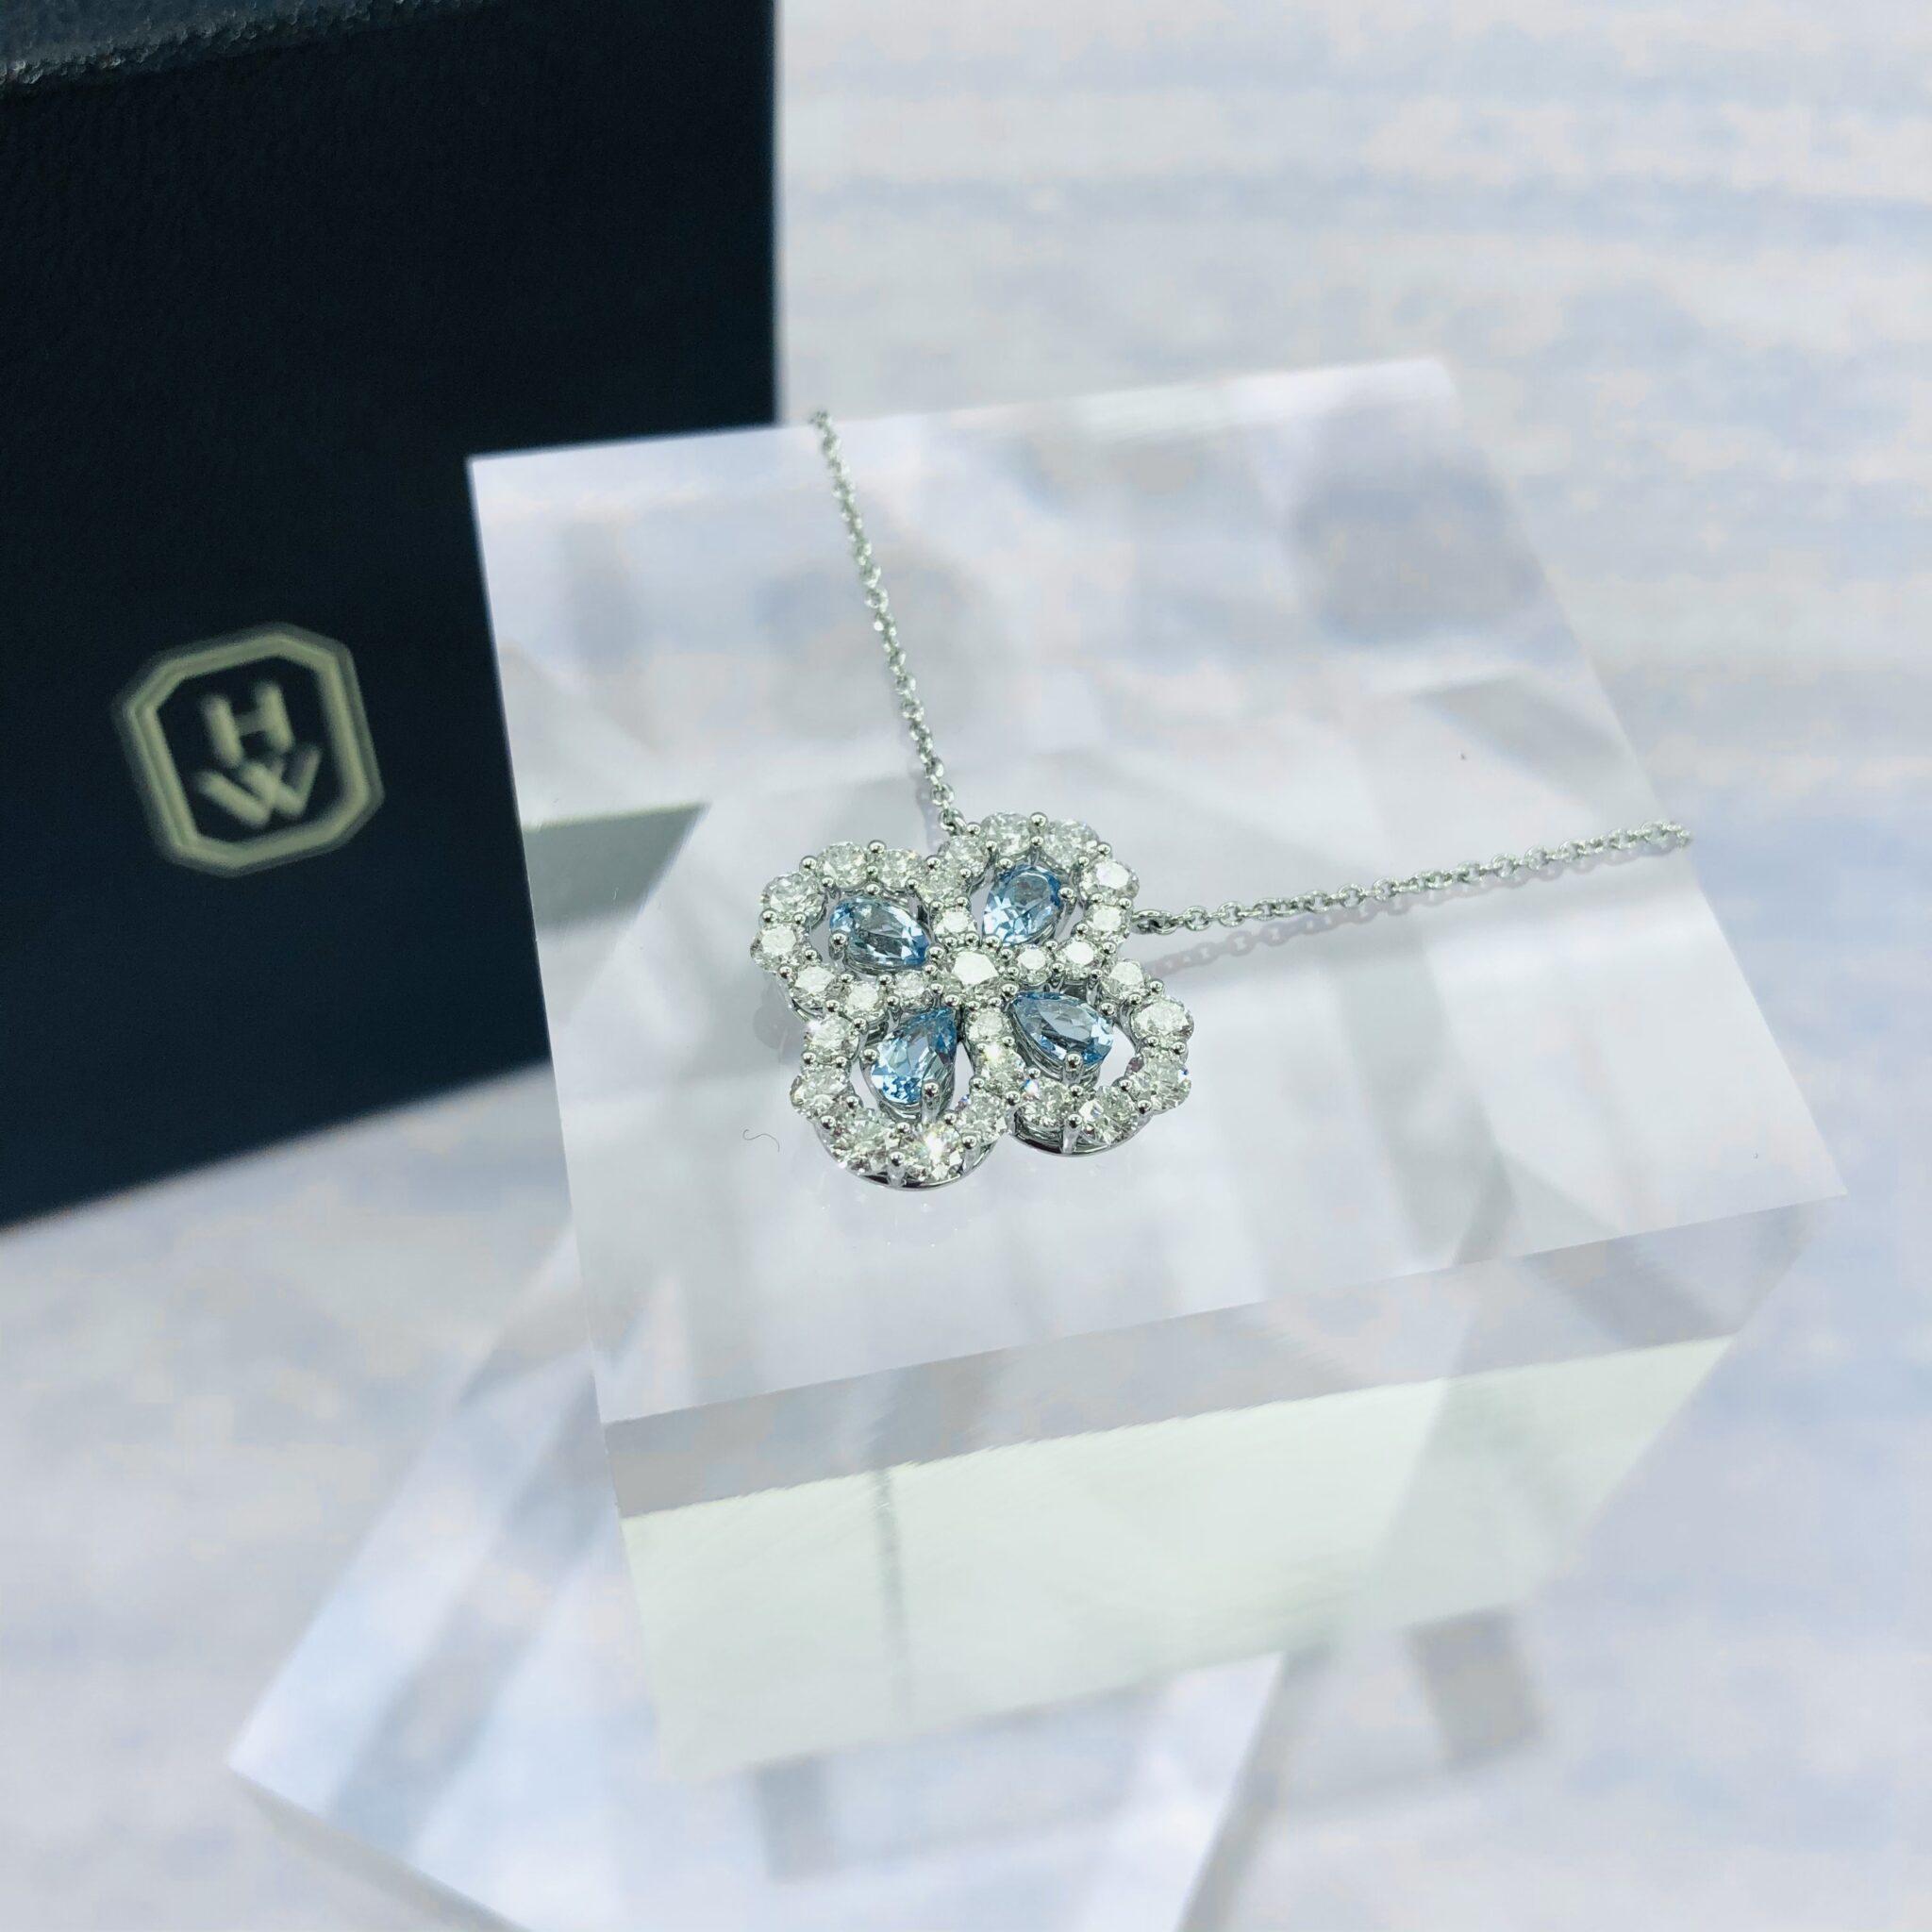 【ダイヤ 販売 盛岡】4月の誕生石『ダイヤモンド』💎世界中の女性の憧れの的『ハリー・ウィストン』